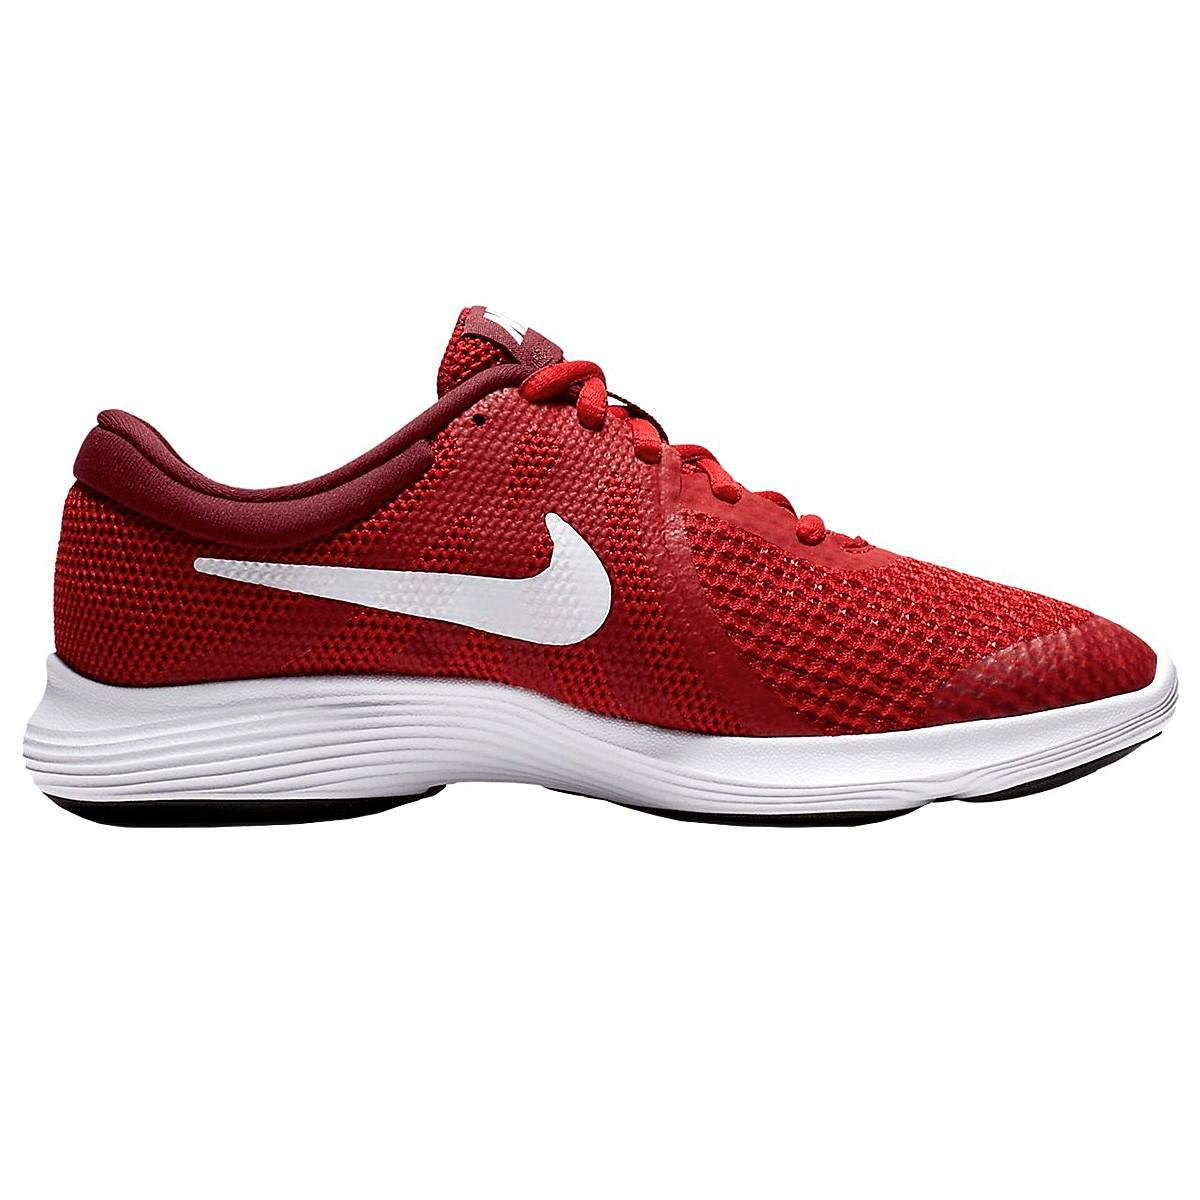 627e1898d1274d scarpe-running-nike-revolution-4-bambino-rosso.jpg